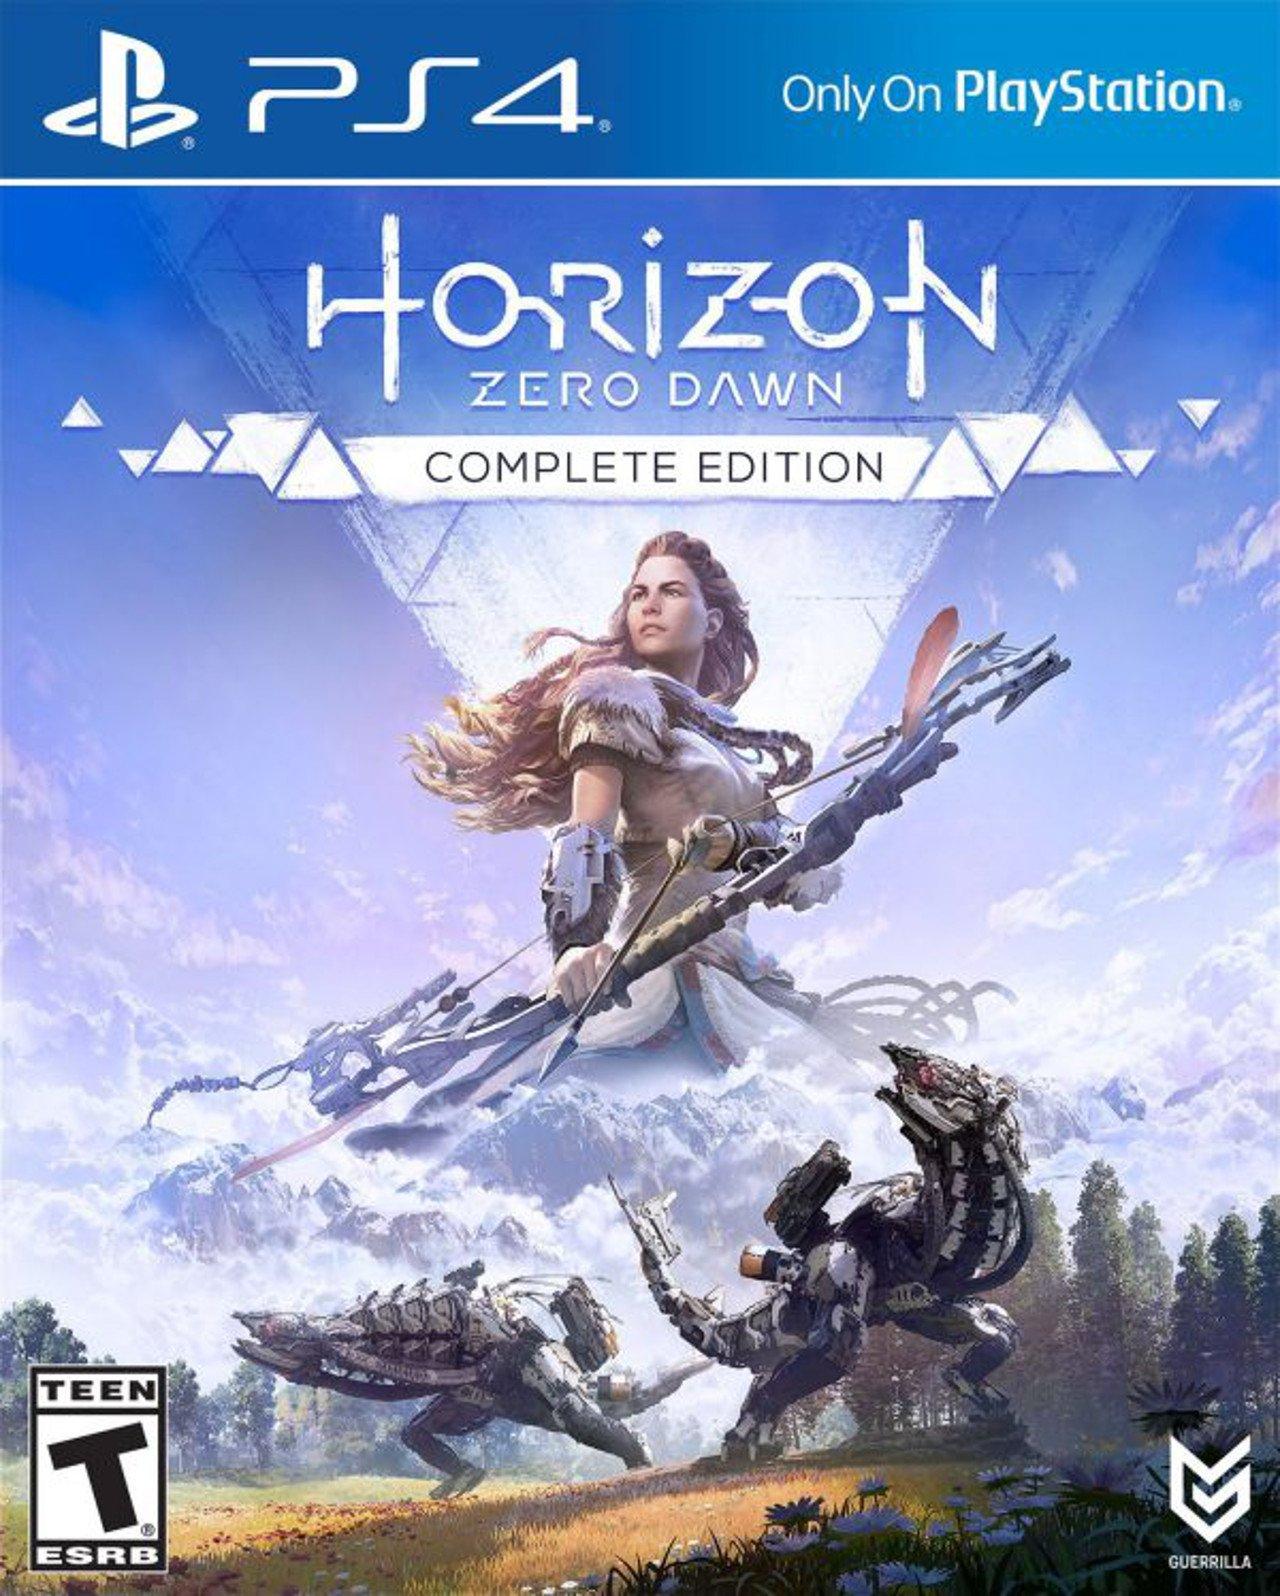 Sony svela Horizon Zero Dawn Complete Edition, annunciata la data d'uscita